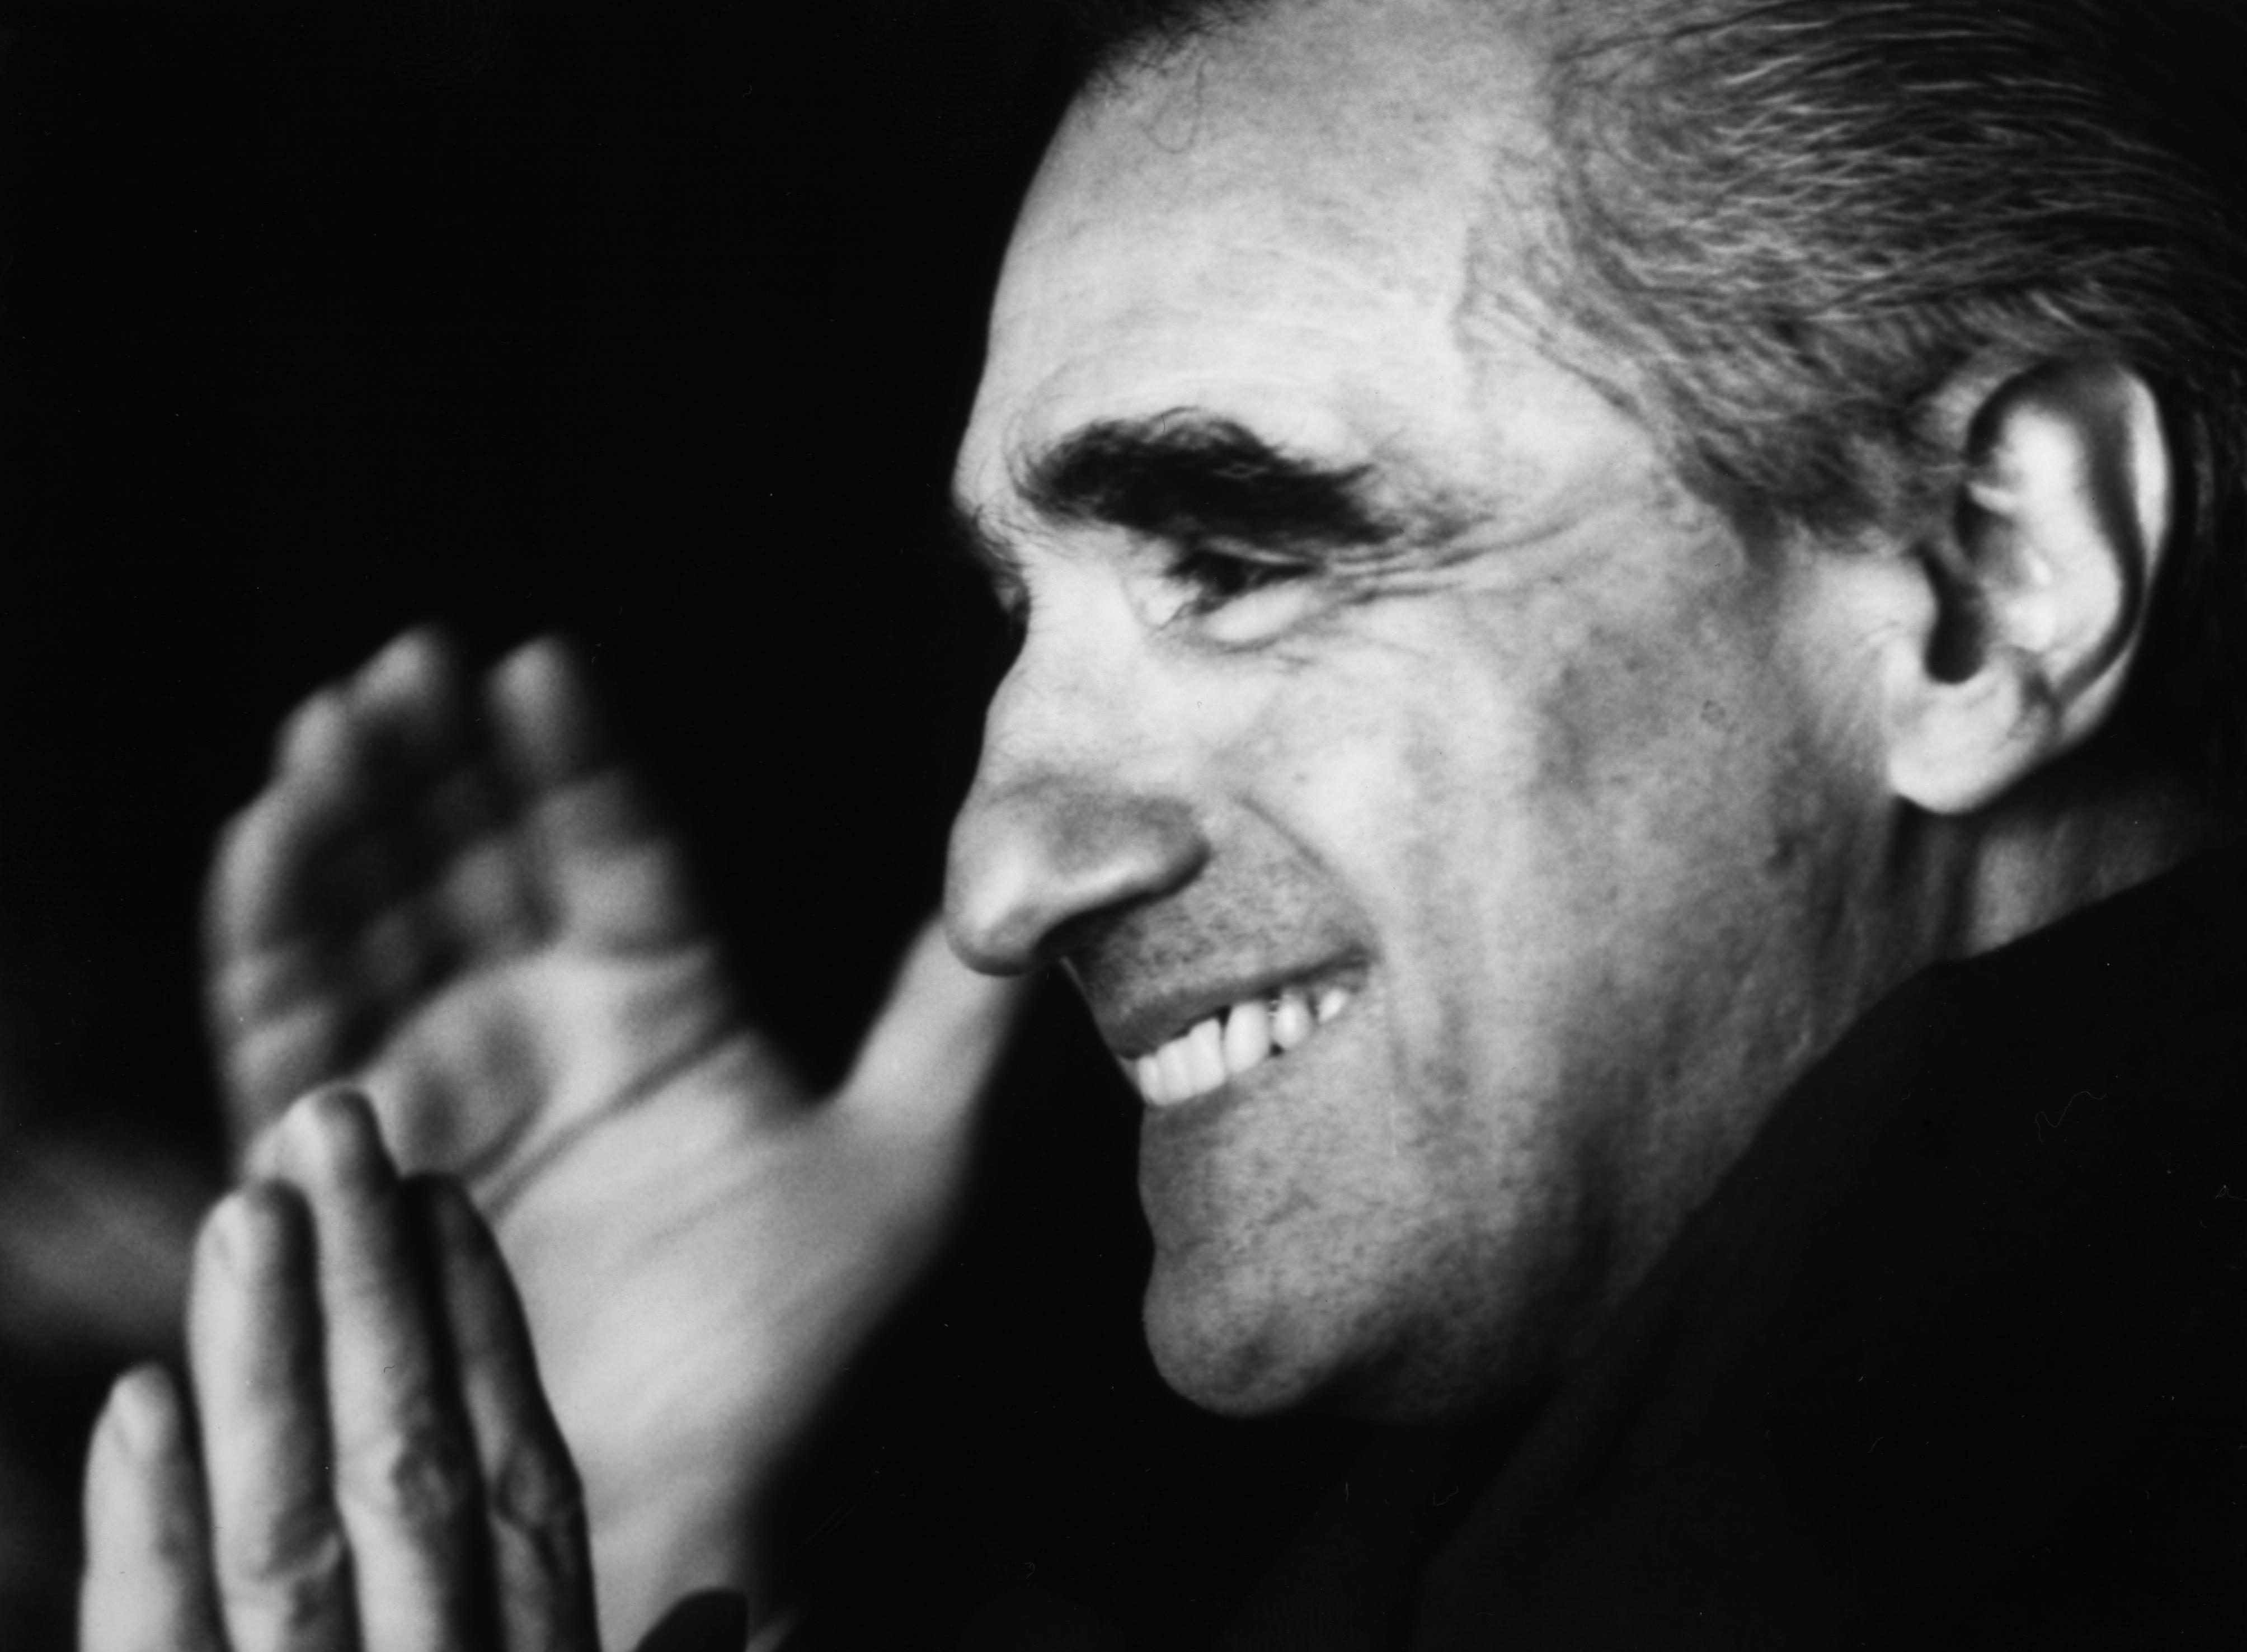 07_Scorsese_N4329_01b